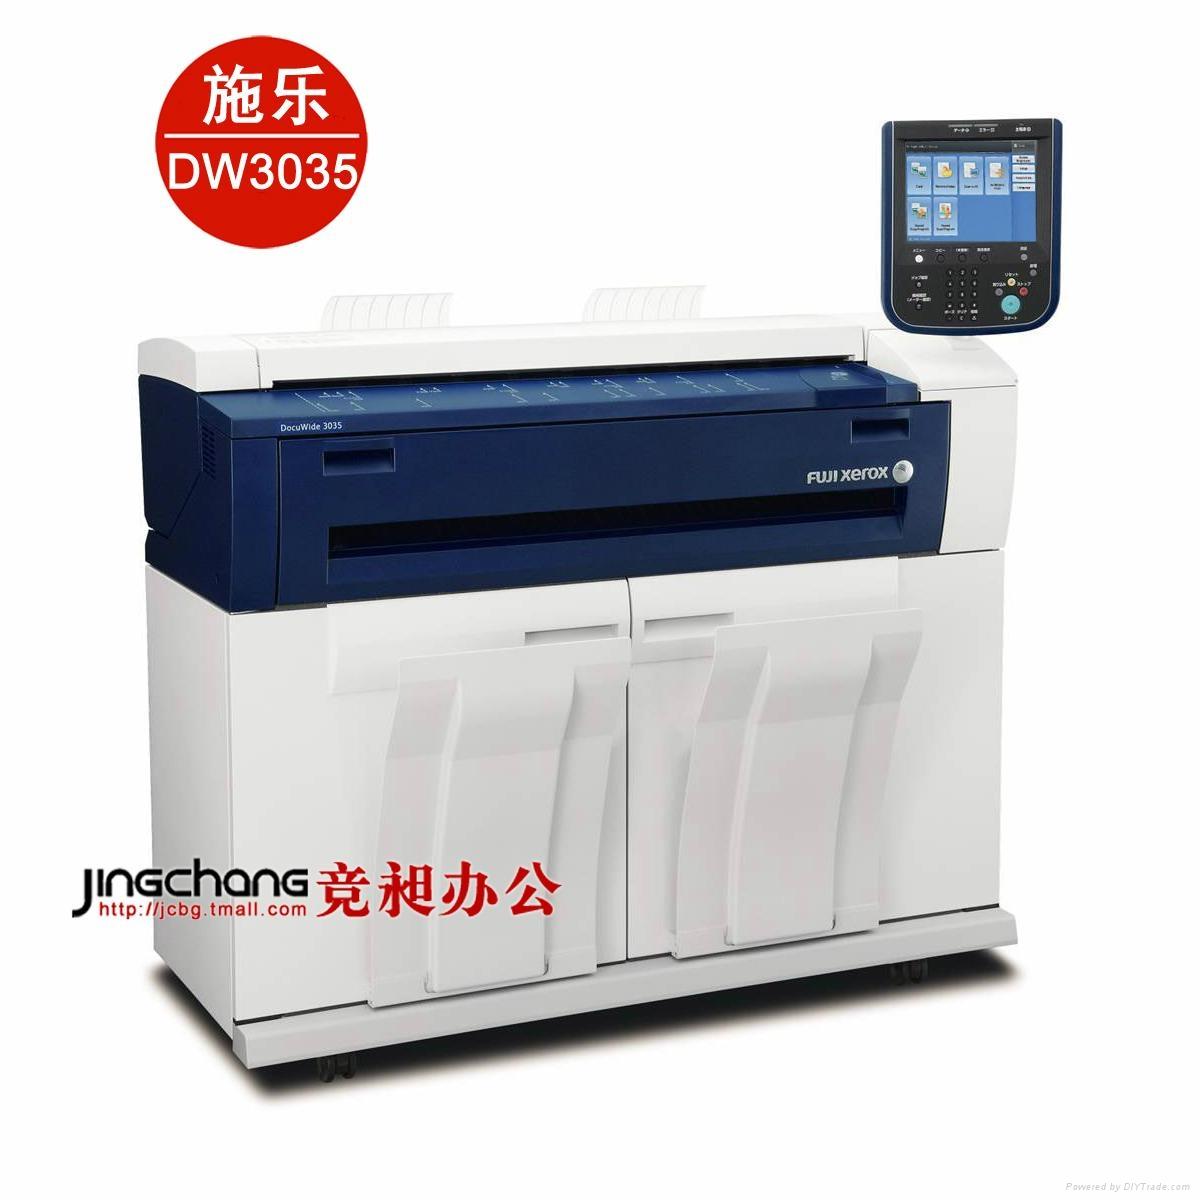 富士施樂DocuWide 3035工程複印機 2